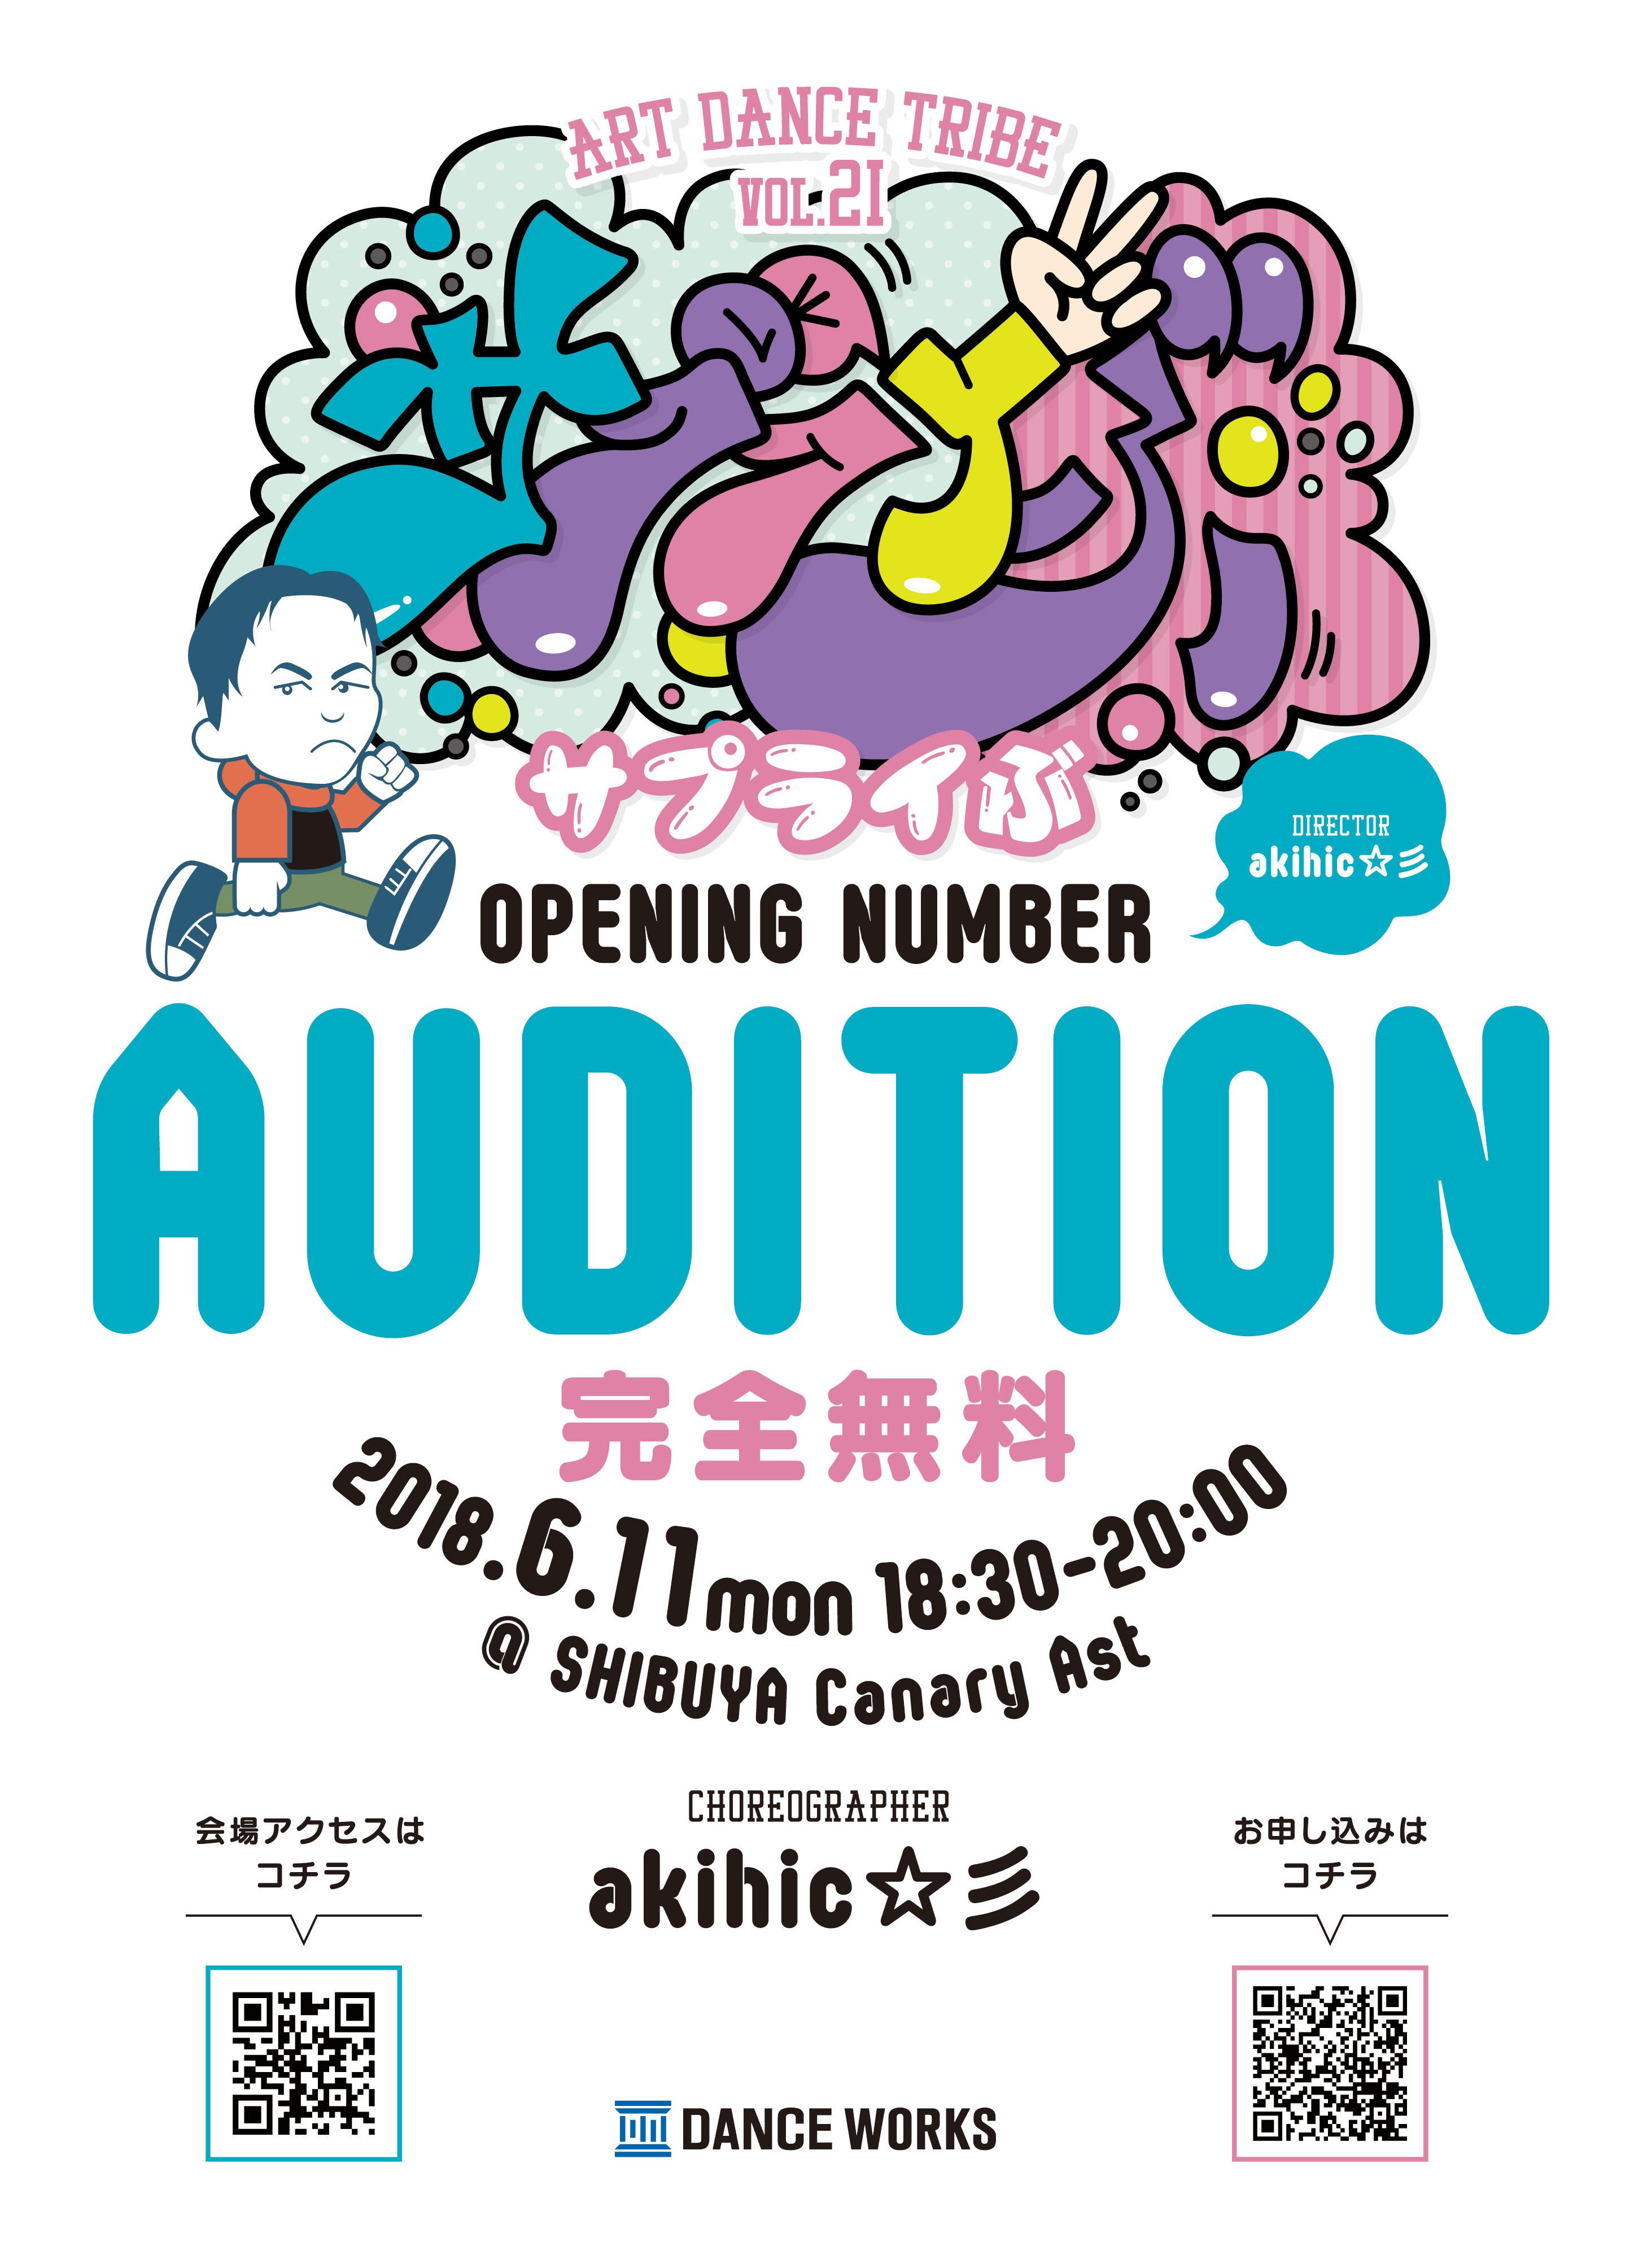 サプライズを届けよう!DANCE WORKS 発表会【サプライぶ】OPENING NUMBER AUDITION開催決定!!!